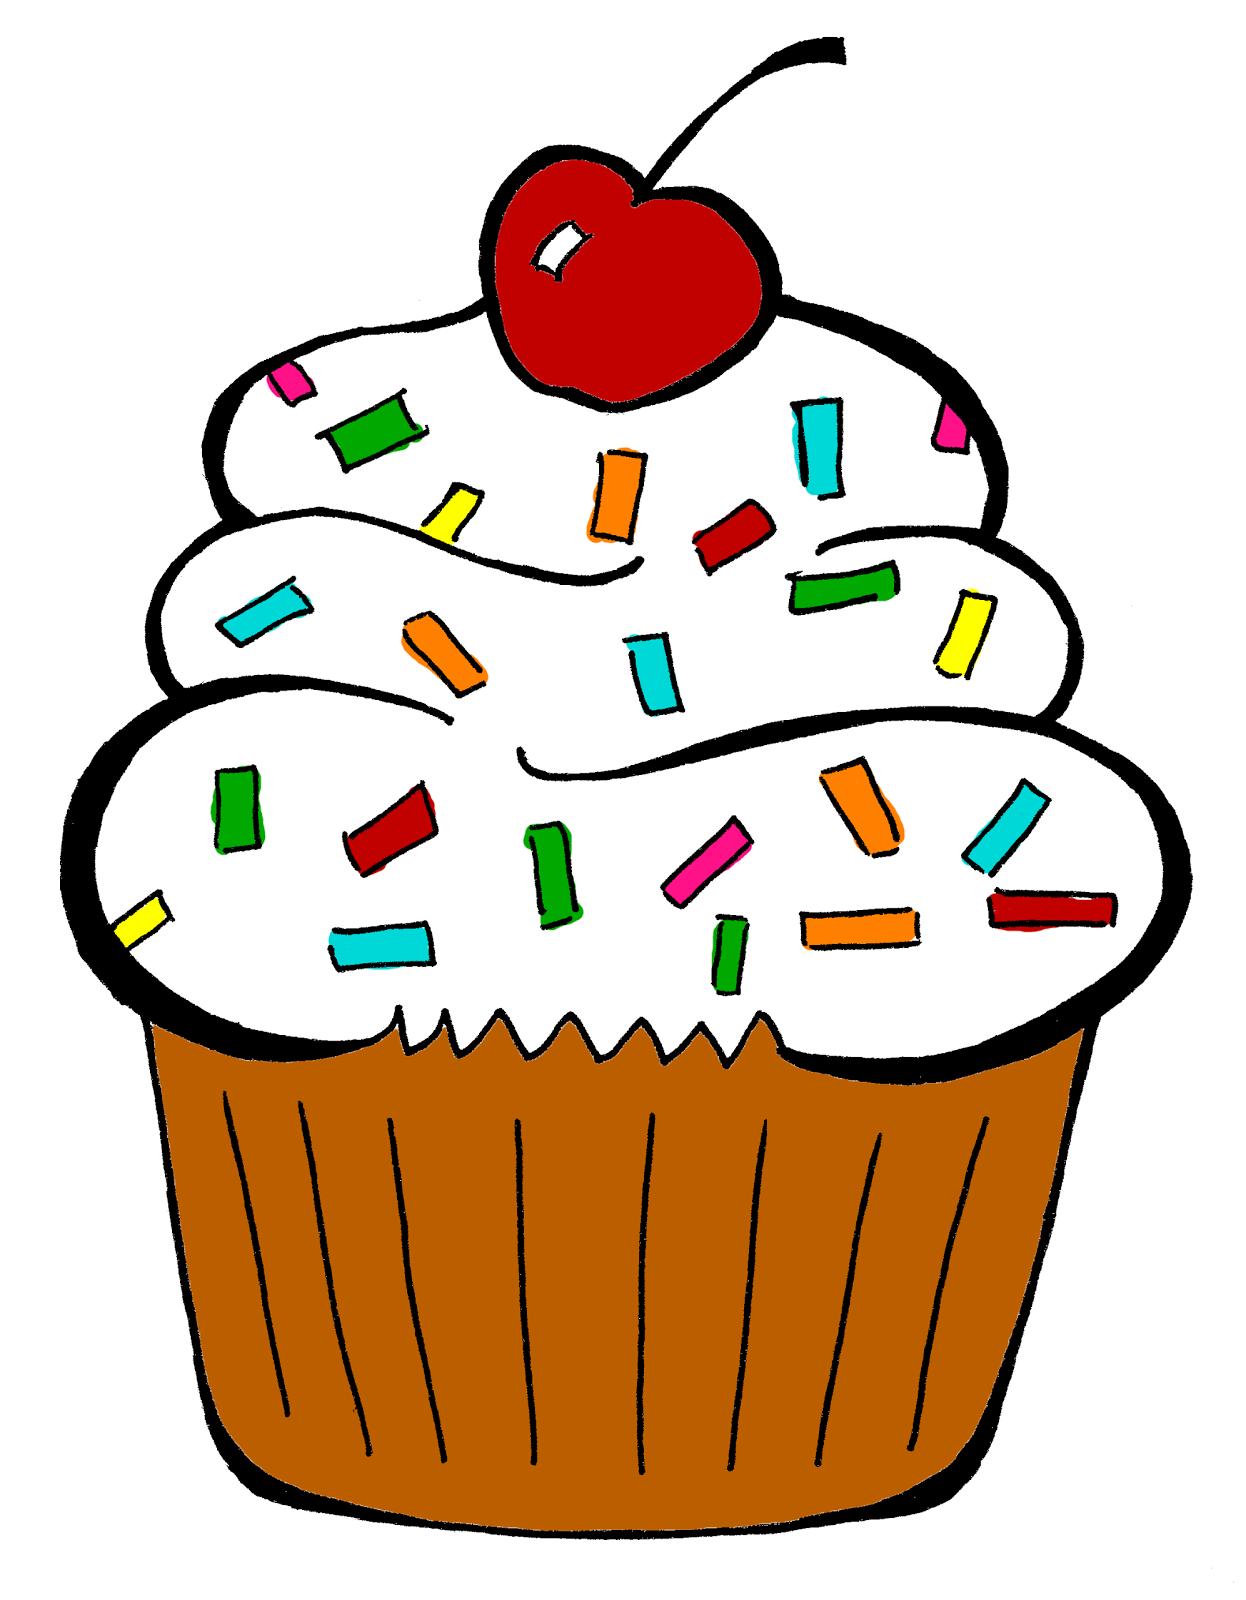 De l 39 autre c t du miroir cupcake - Dessin cupcake ...